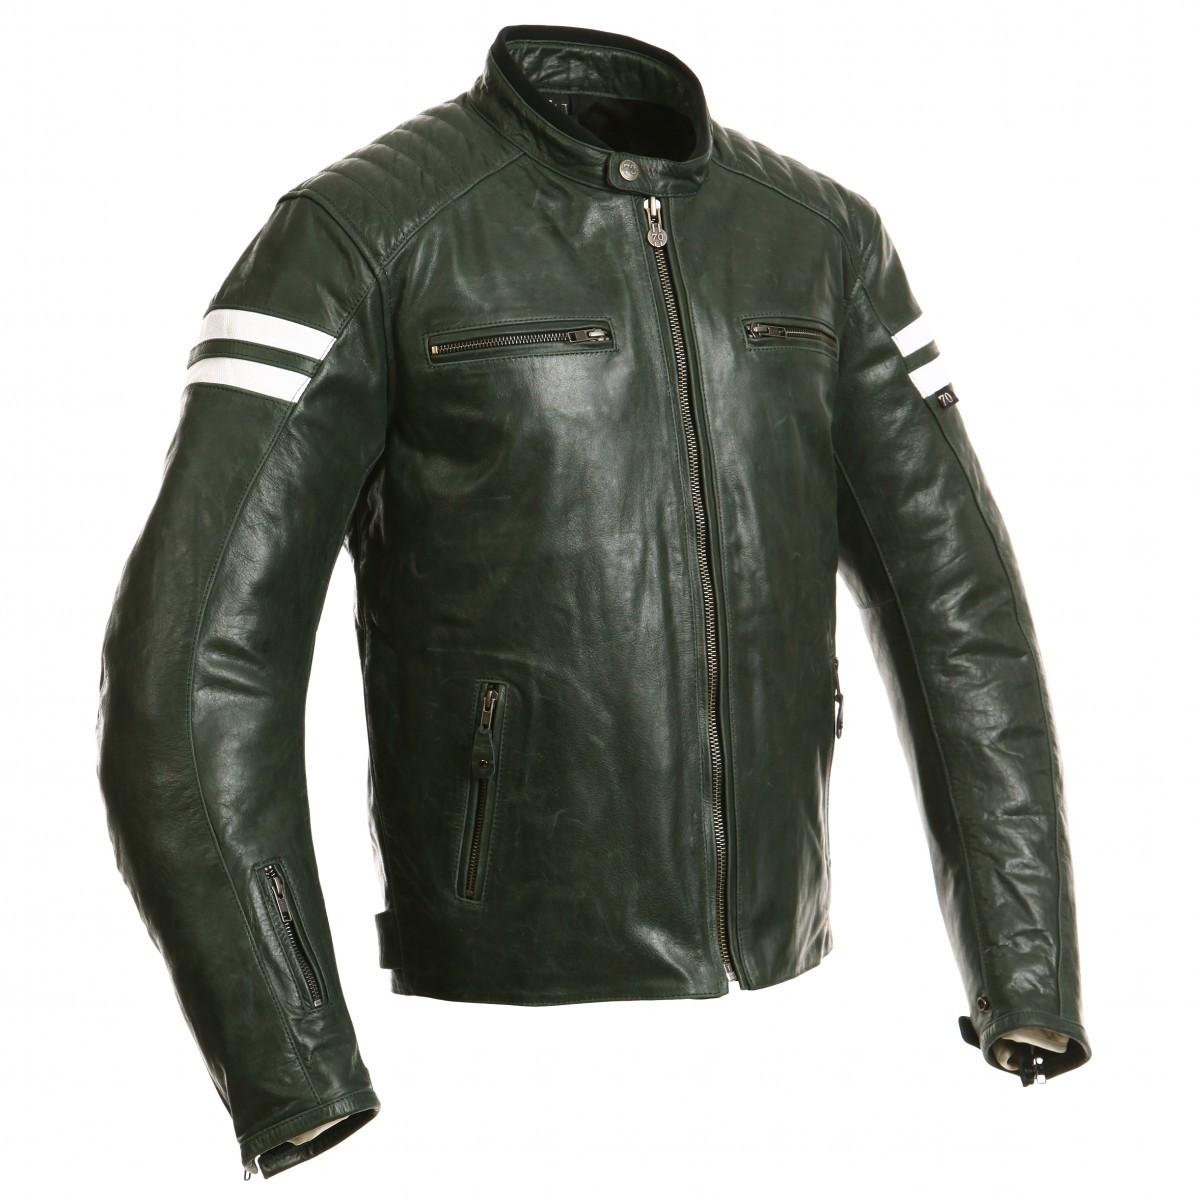 Куртка SEGURA кожа RETRO olive (4XL), арт.SCB899, арт. SCB899